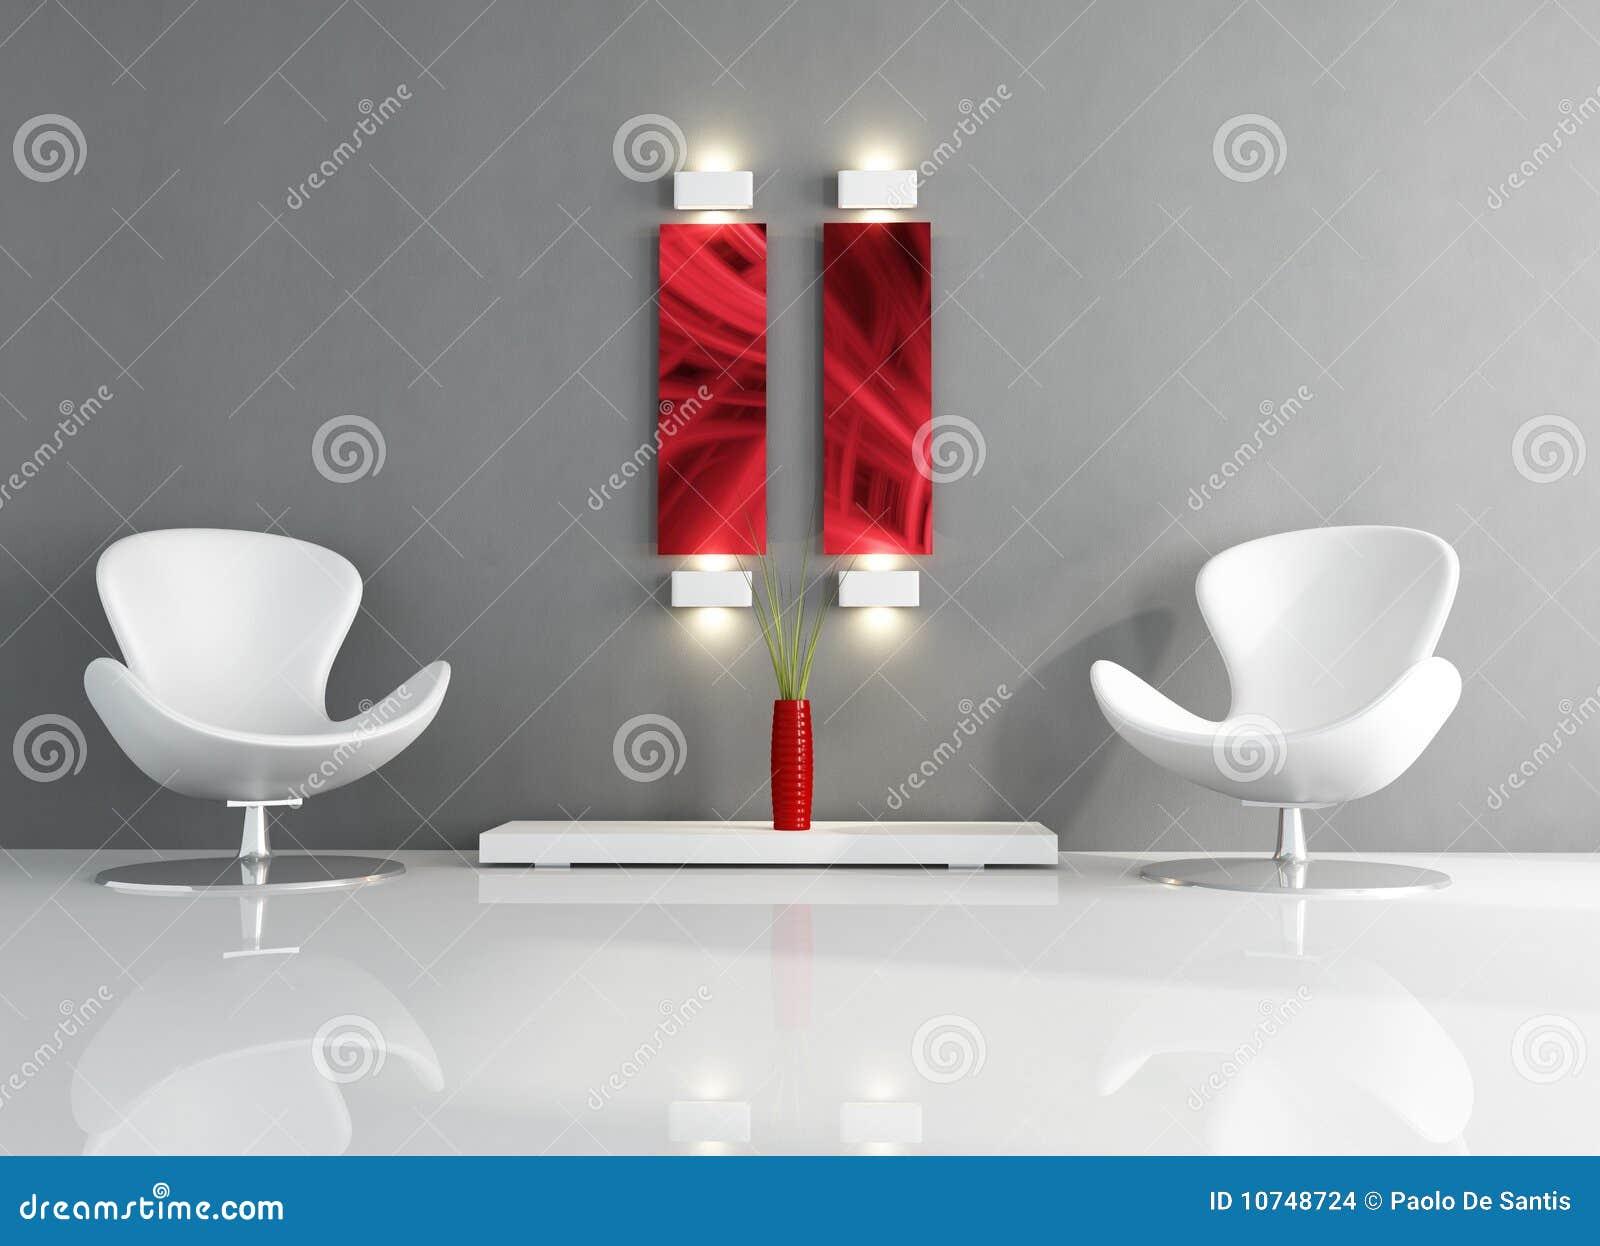 Witte En Grijze Minimale Woonkamer Stock Afbeeldingen - Afbeelding ...